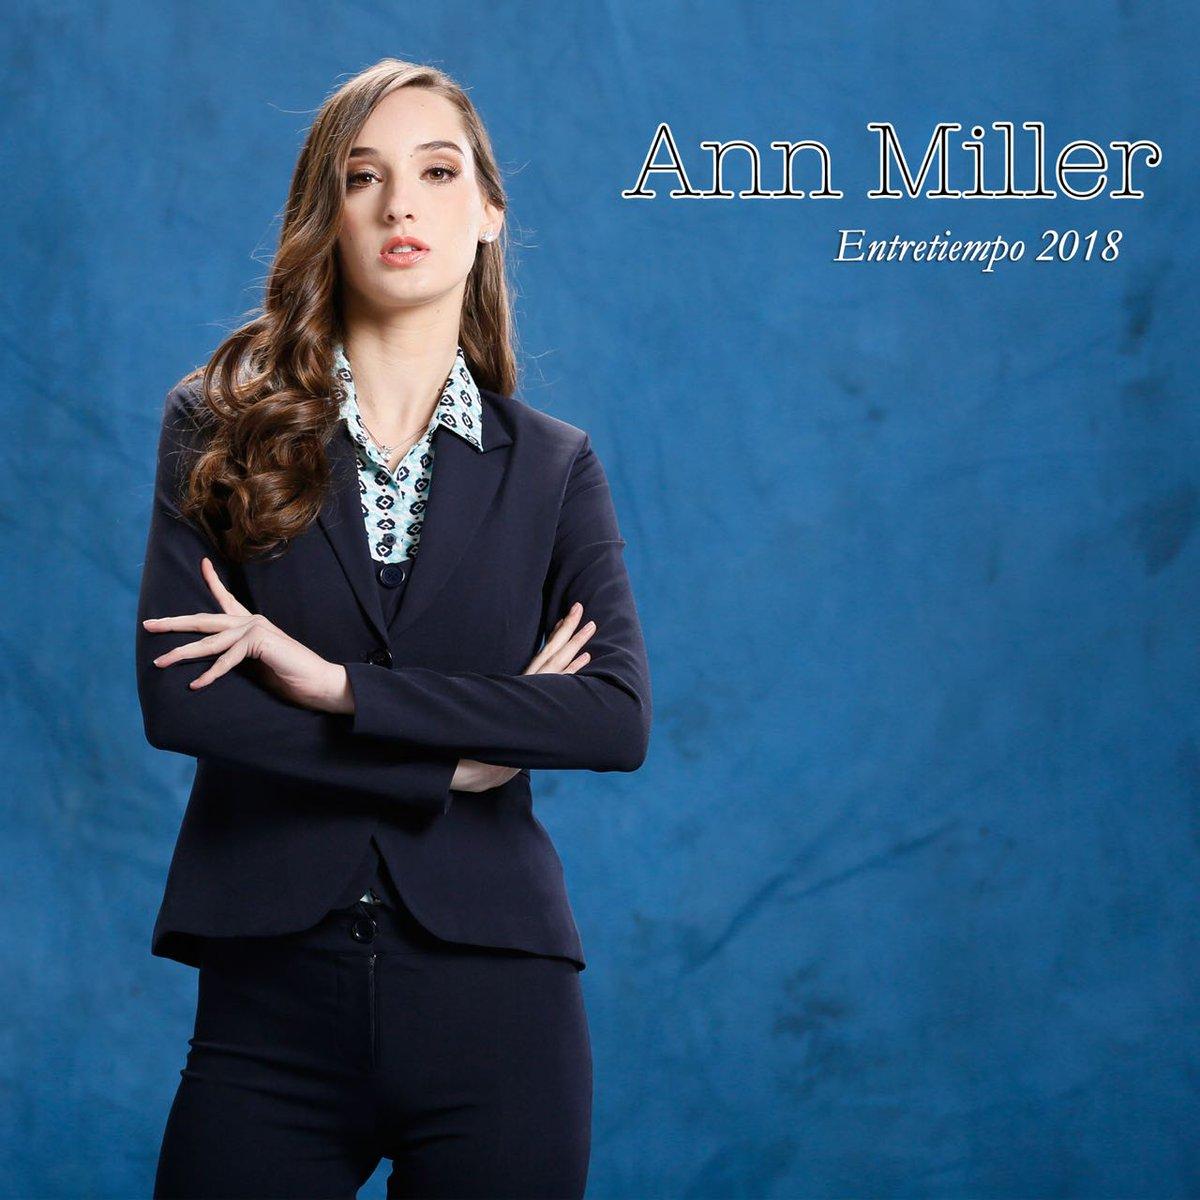 ee4900c24e21b Ann Miller Oficial on Twitter